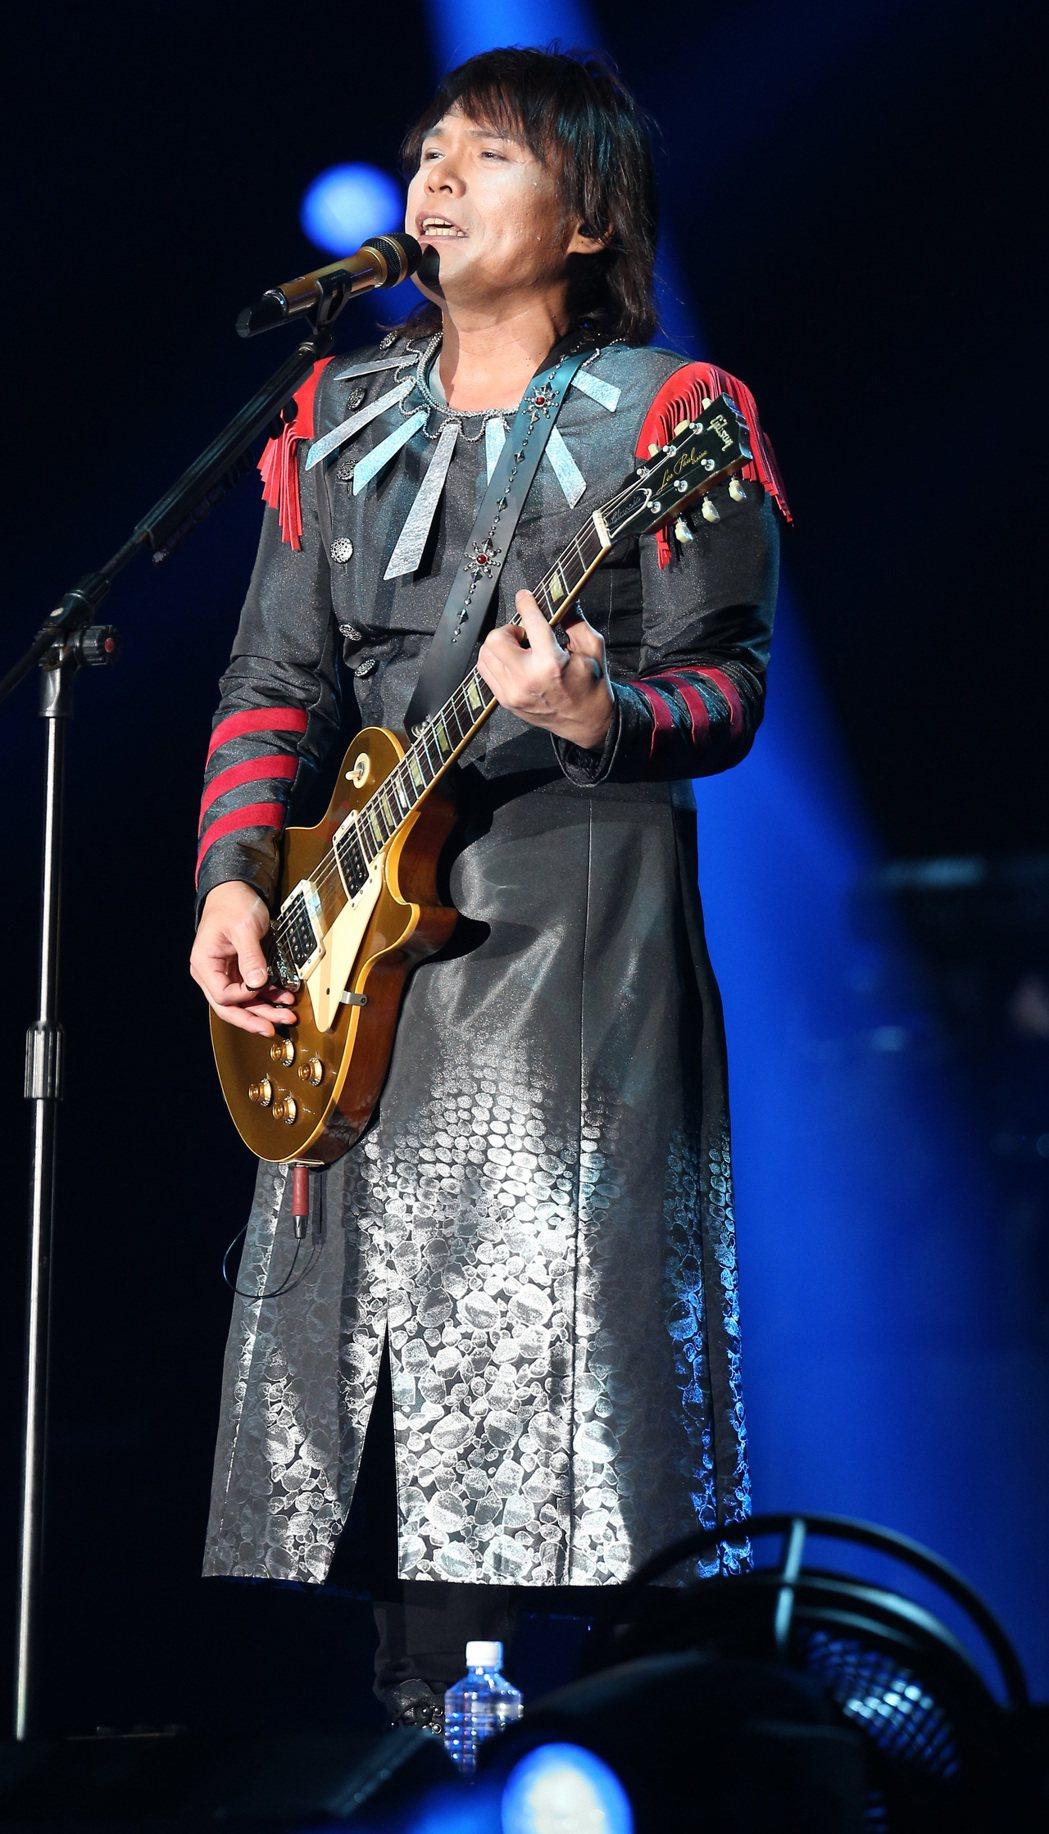 歌手伍佰昨天在高雄巨蛋舉辦「搖滾全經典之正面對決」個人演唱會,吸引滿場歌迷前來,...